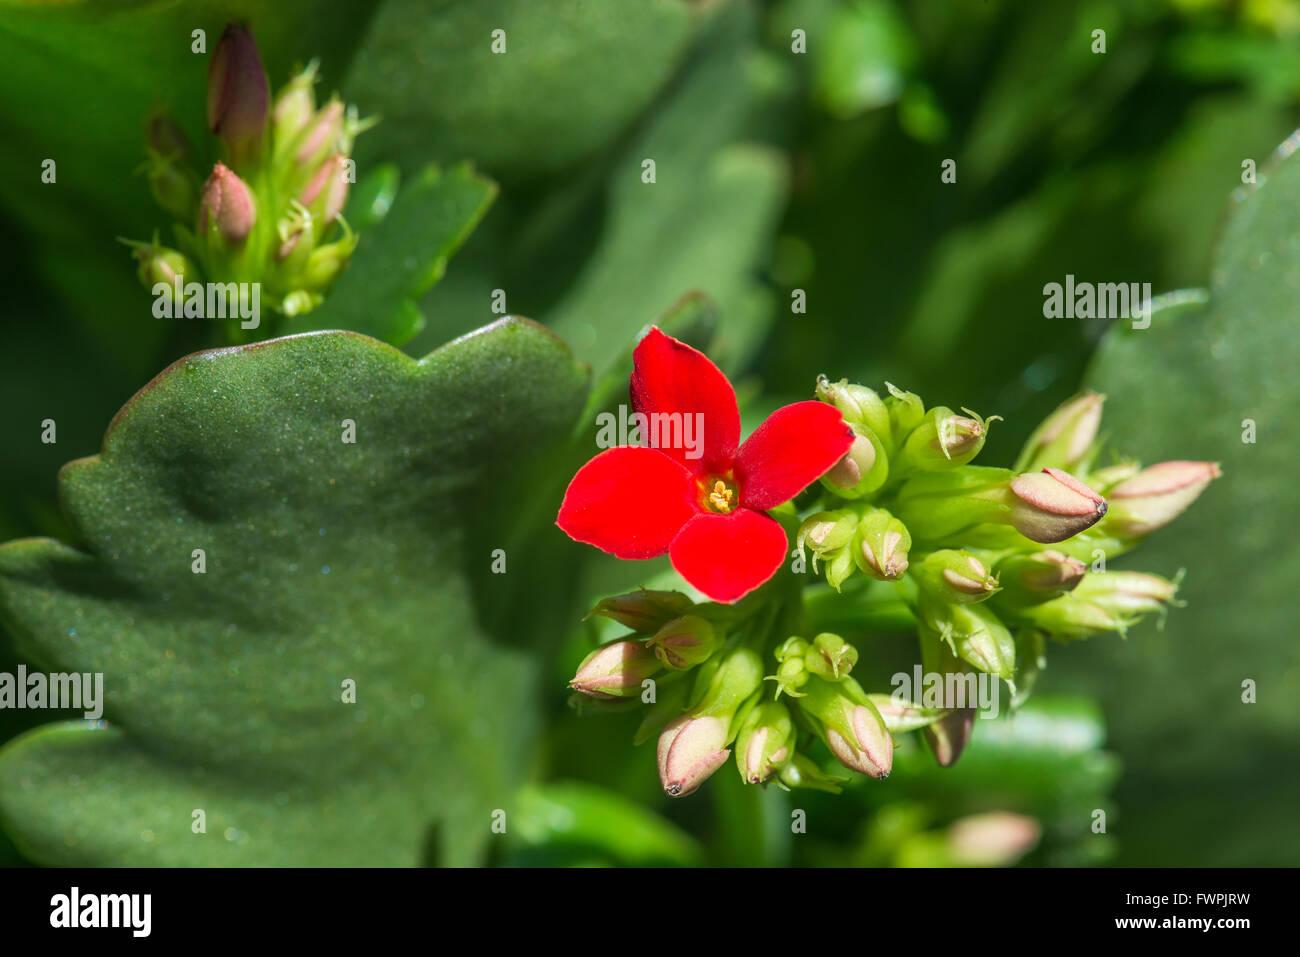 Fleur Coloree Stock Photos Fleur Coloree Stock Images Alamy